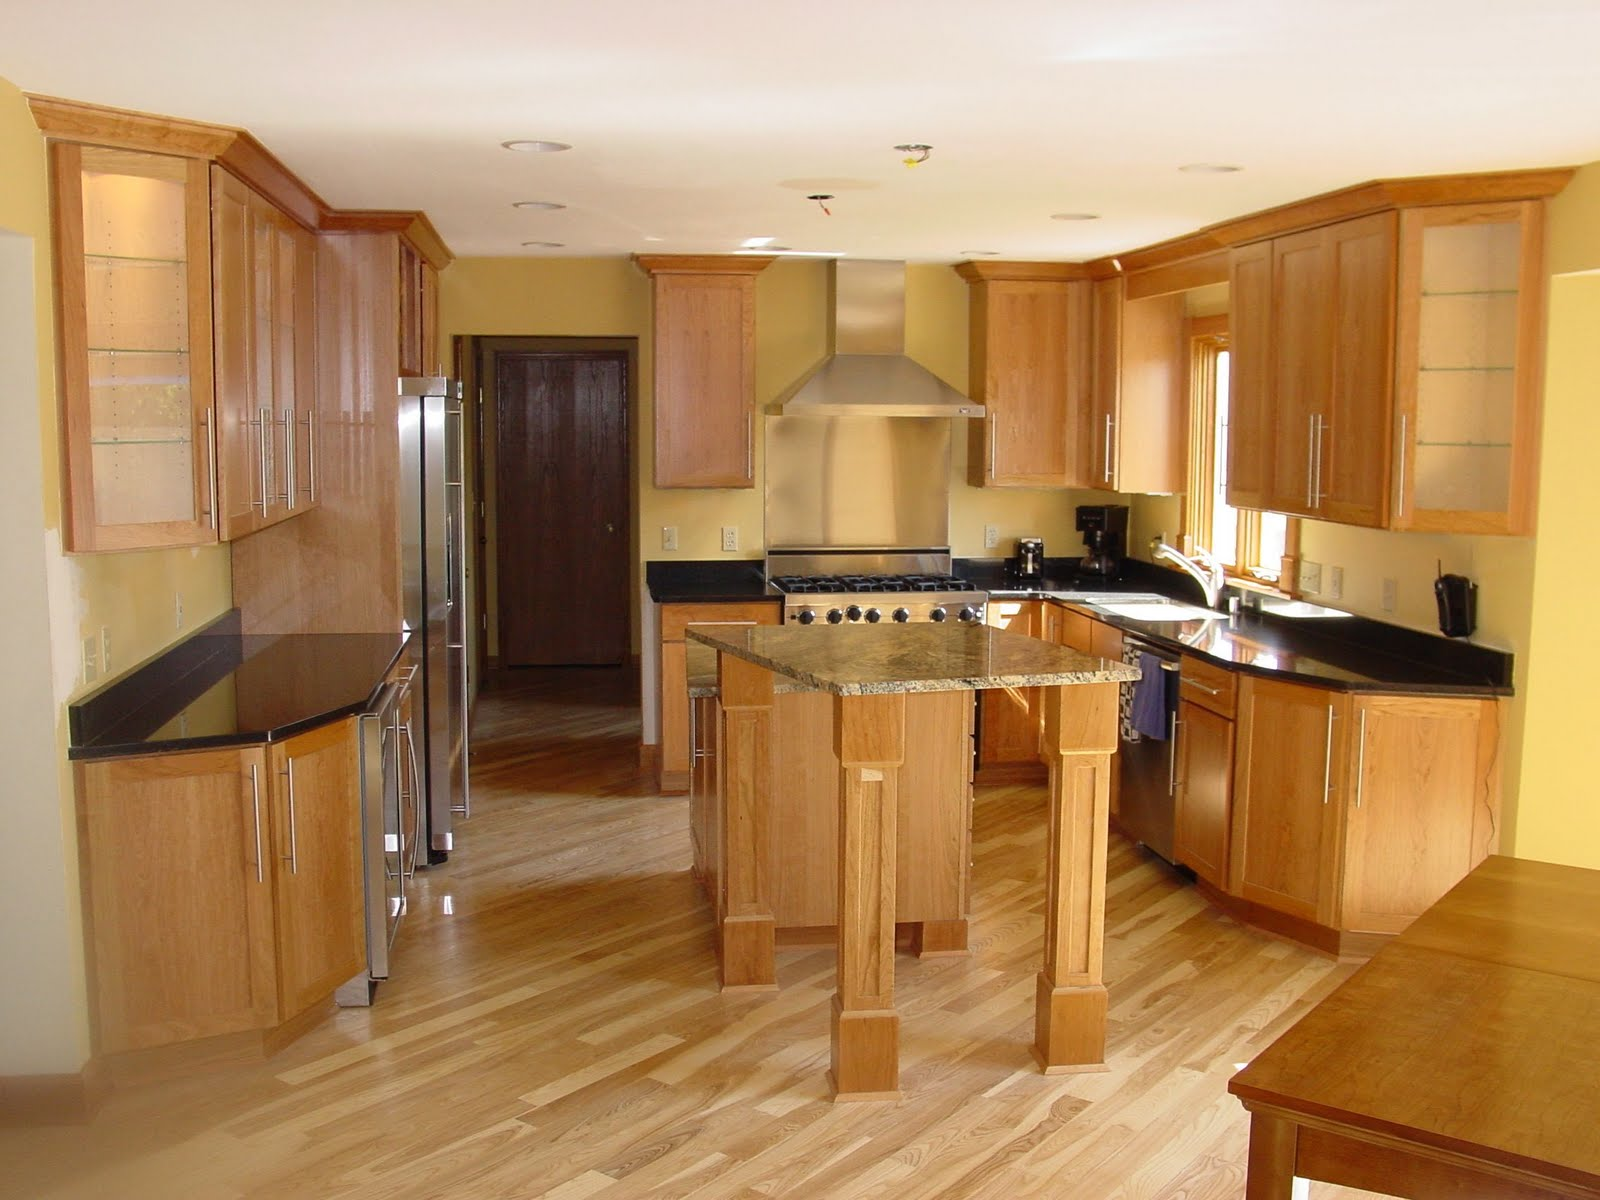 Fotos de cocinas de madera for Cocinas de madera modernas